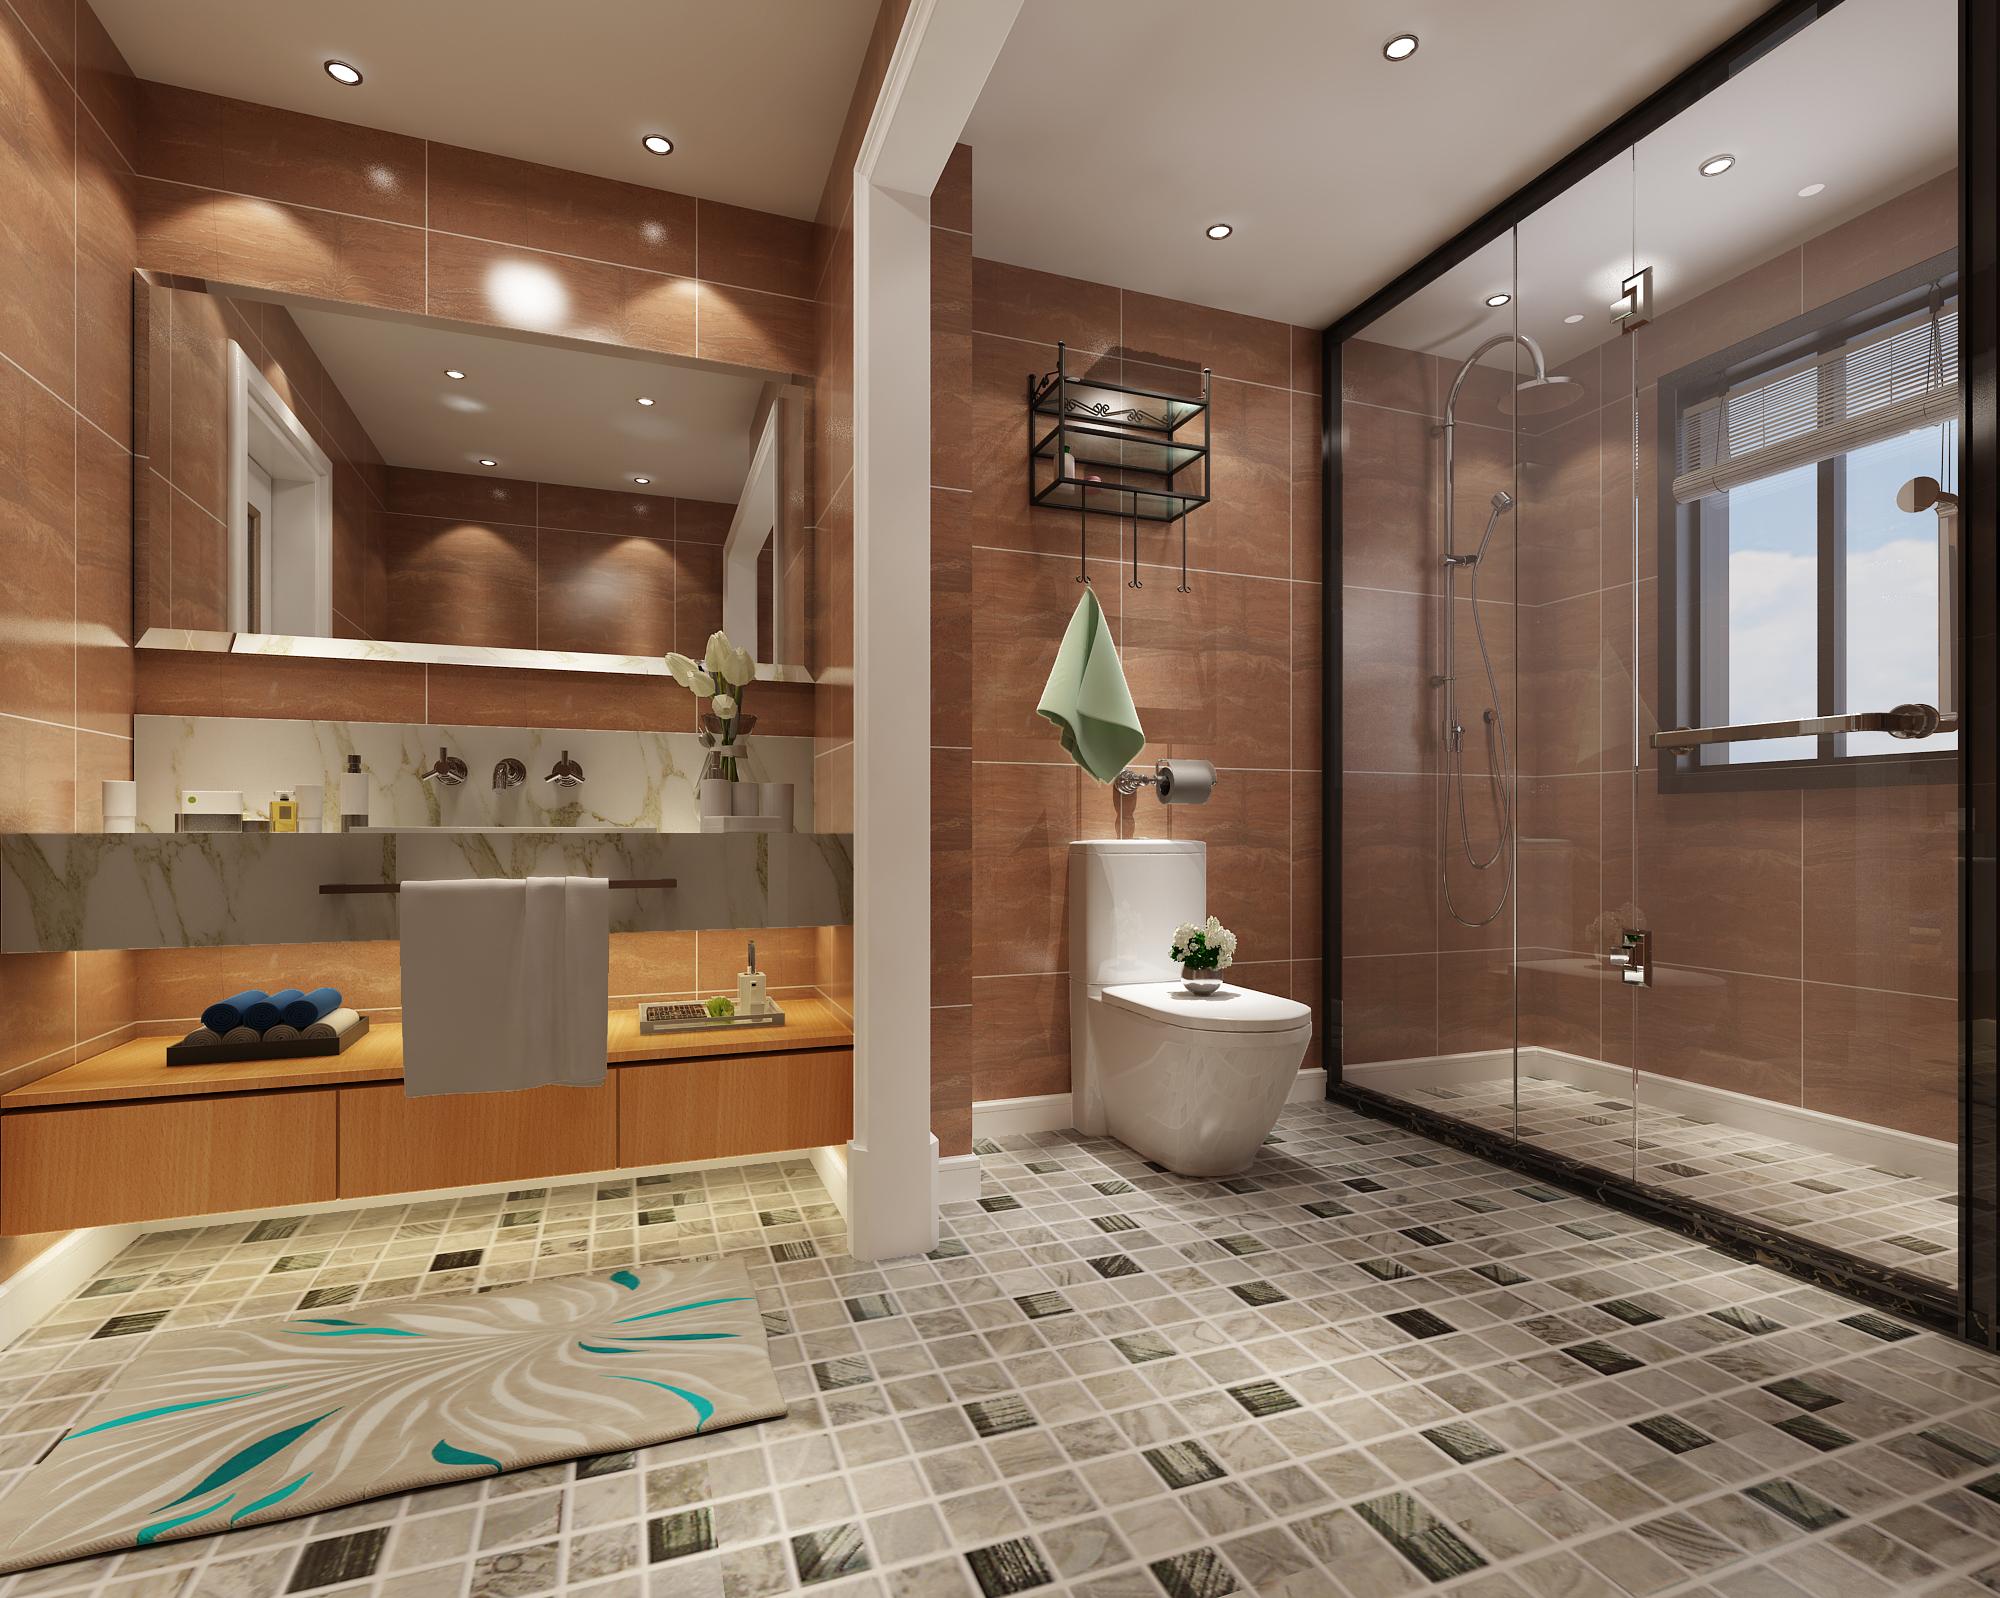 简约 田园 混搭 三居 白领 收纳 卫生间图片来自圣奇凯尚室内设计工作室在圣奇凯尚装饰--专属设计的分享